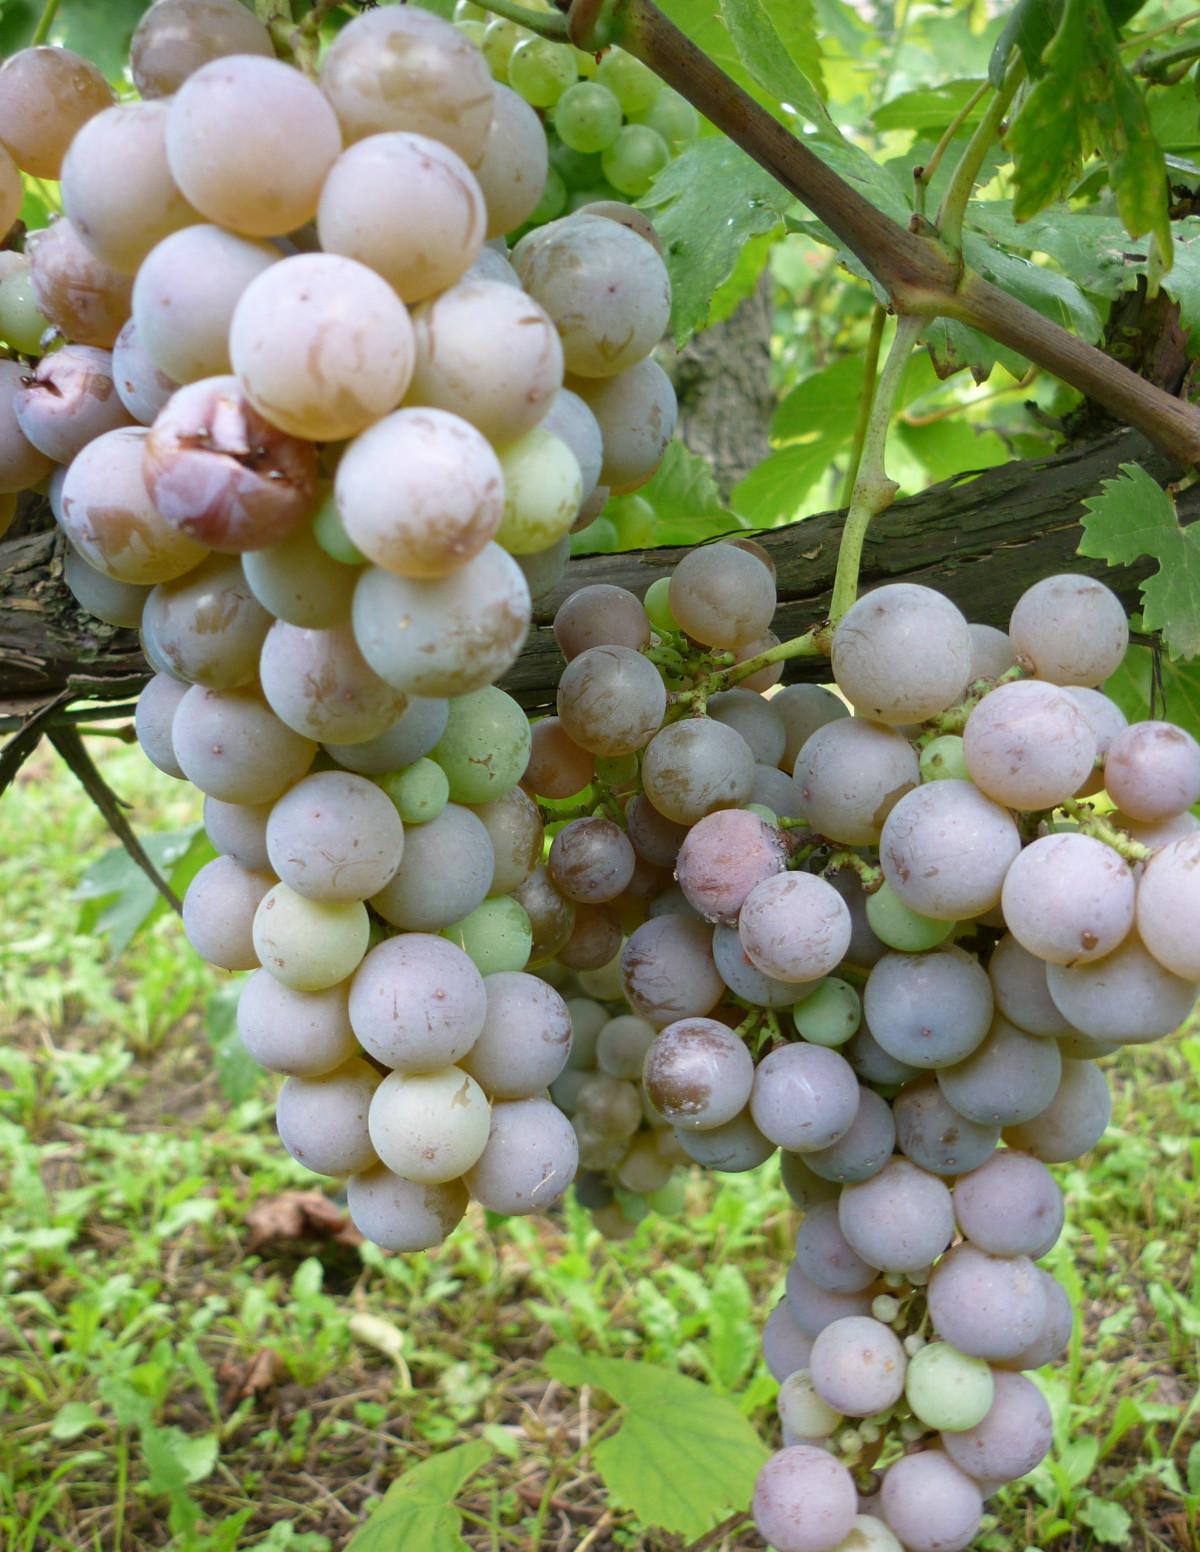 Szürkebarát fehér borszőlő